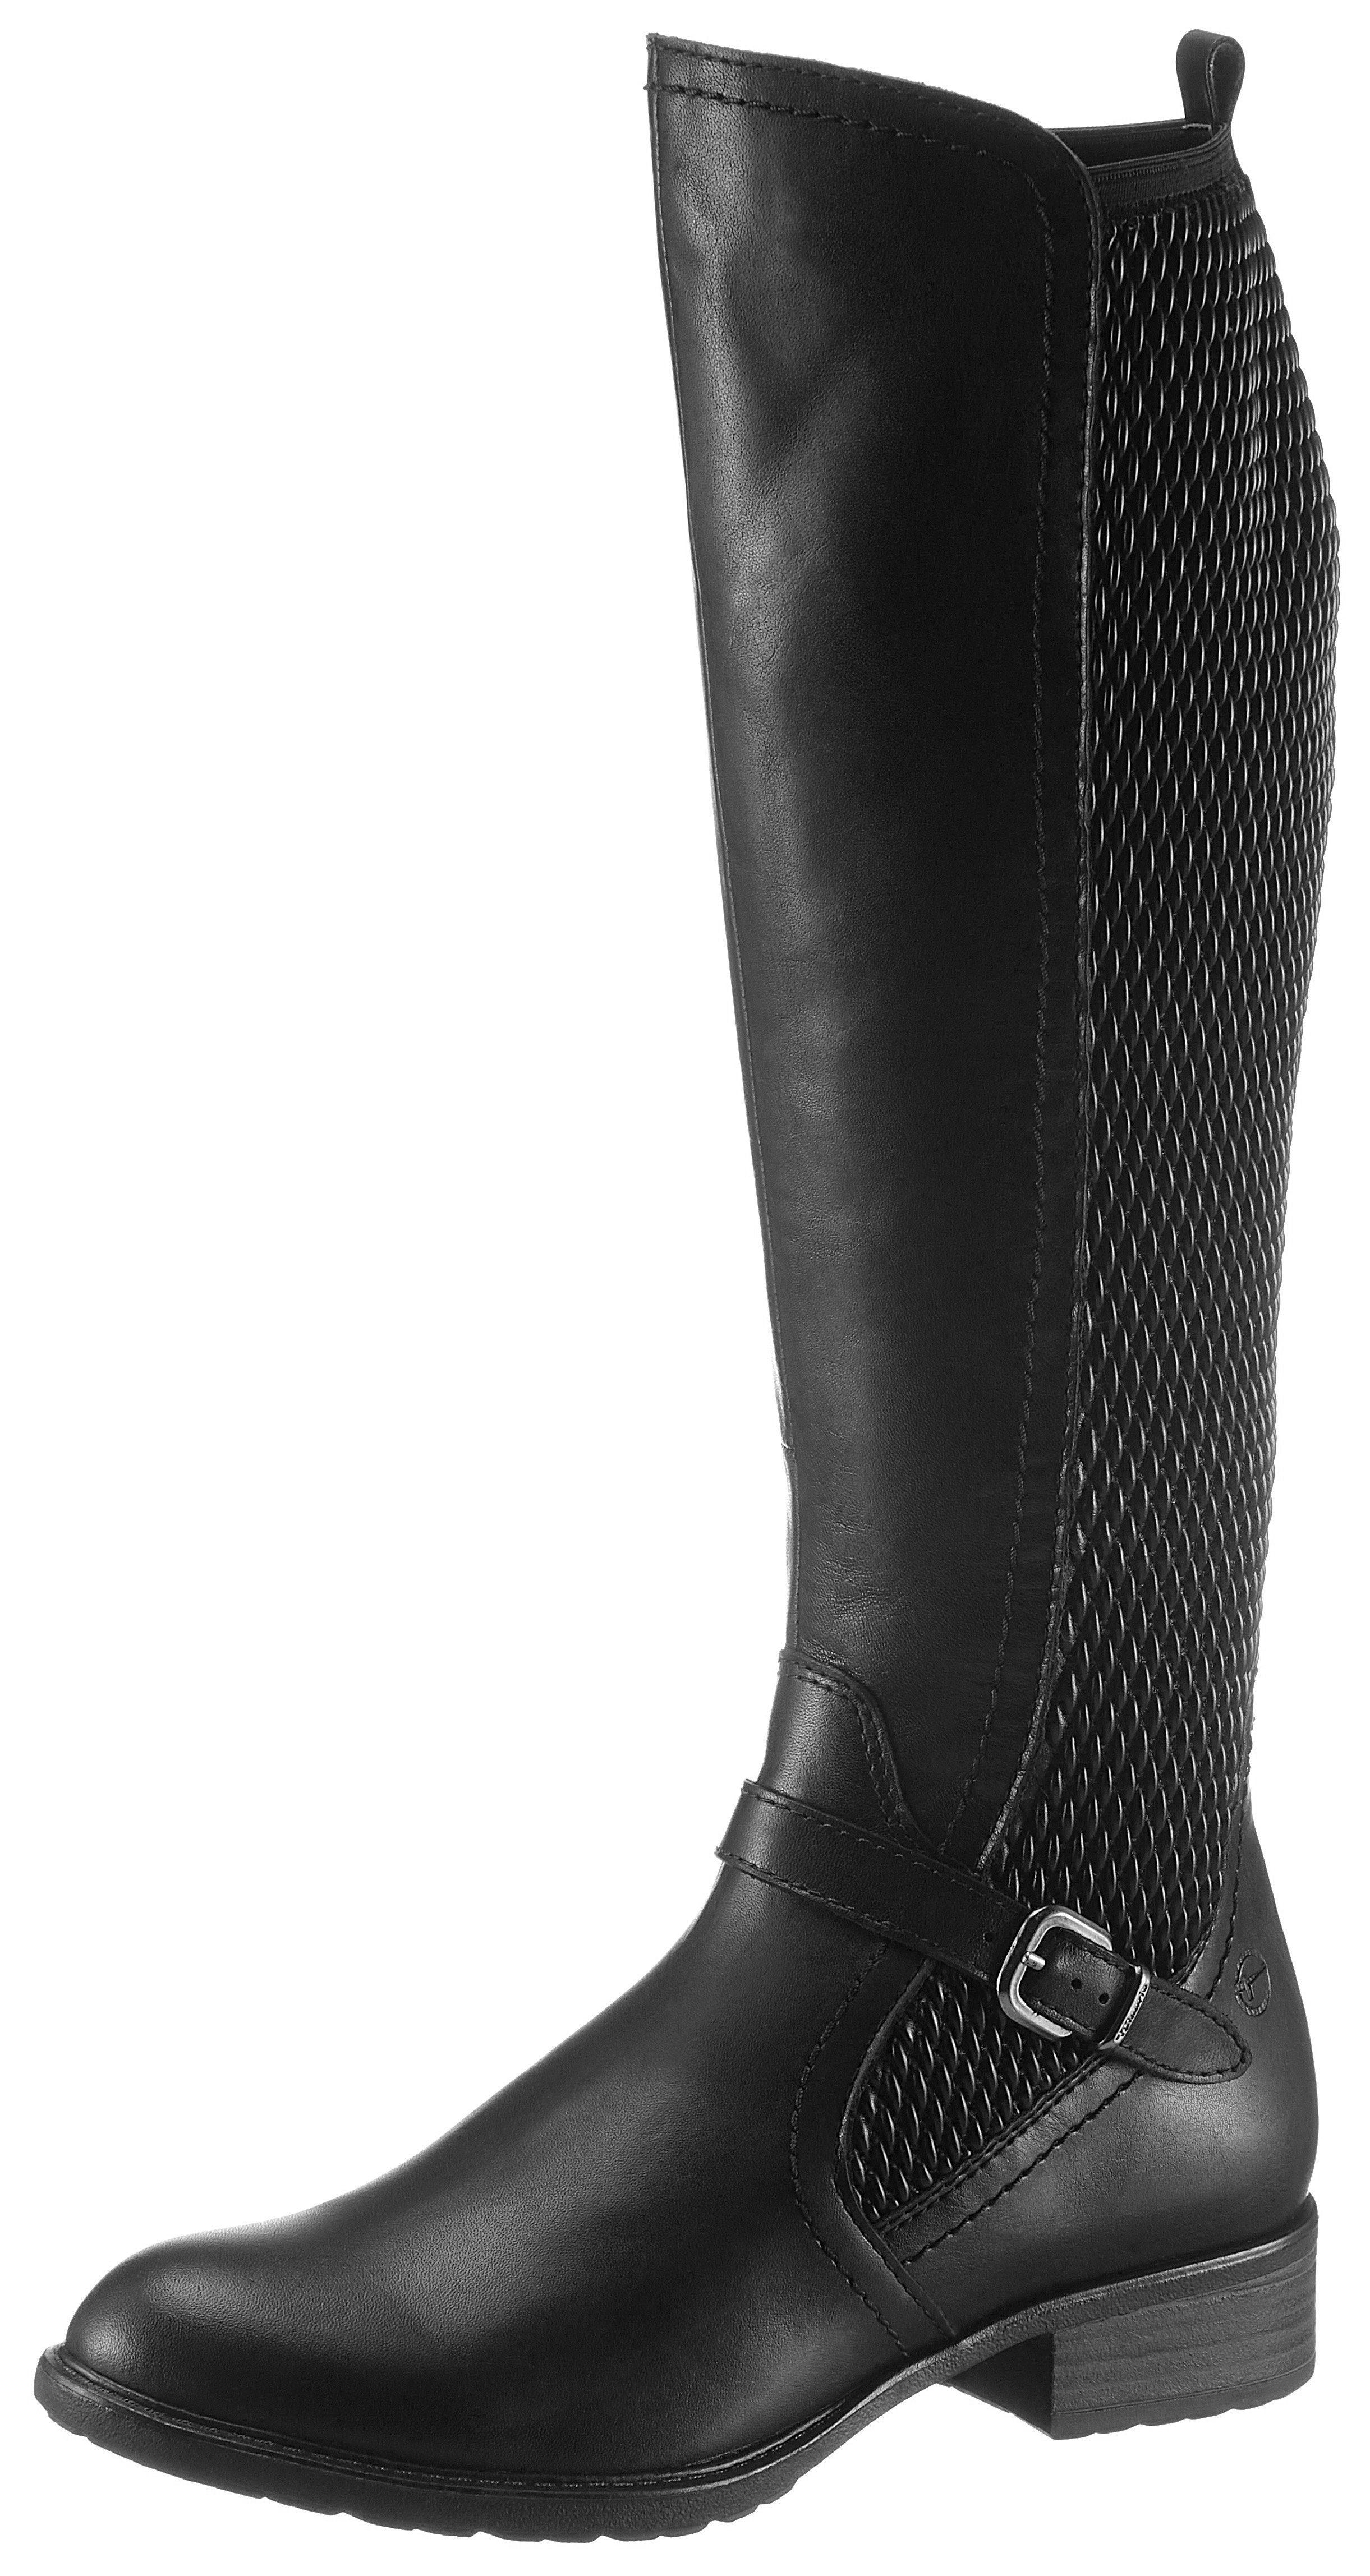 Tamaris schwarze Stiefel im OTTO Online Shop kaufen